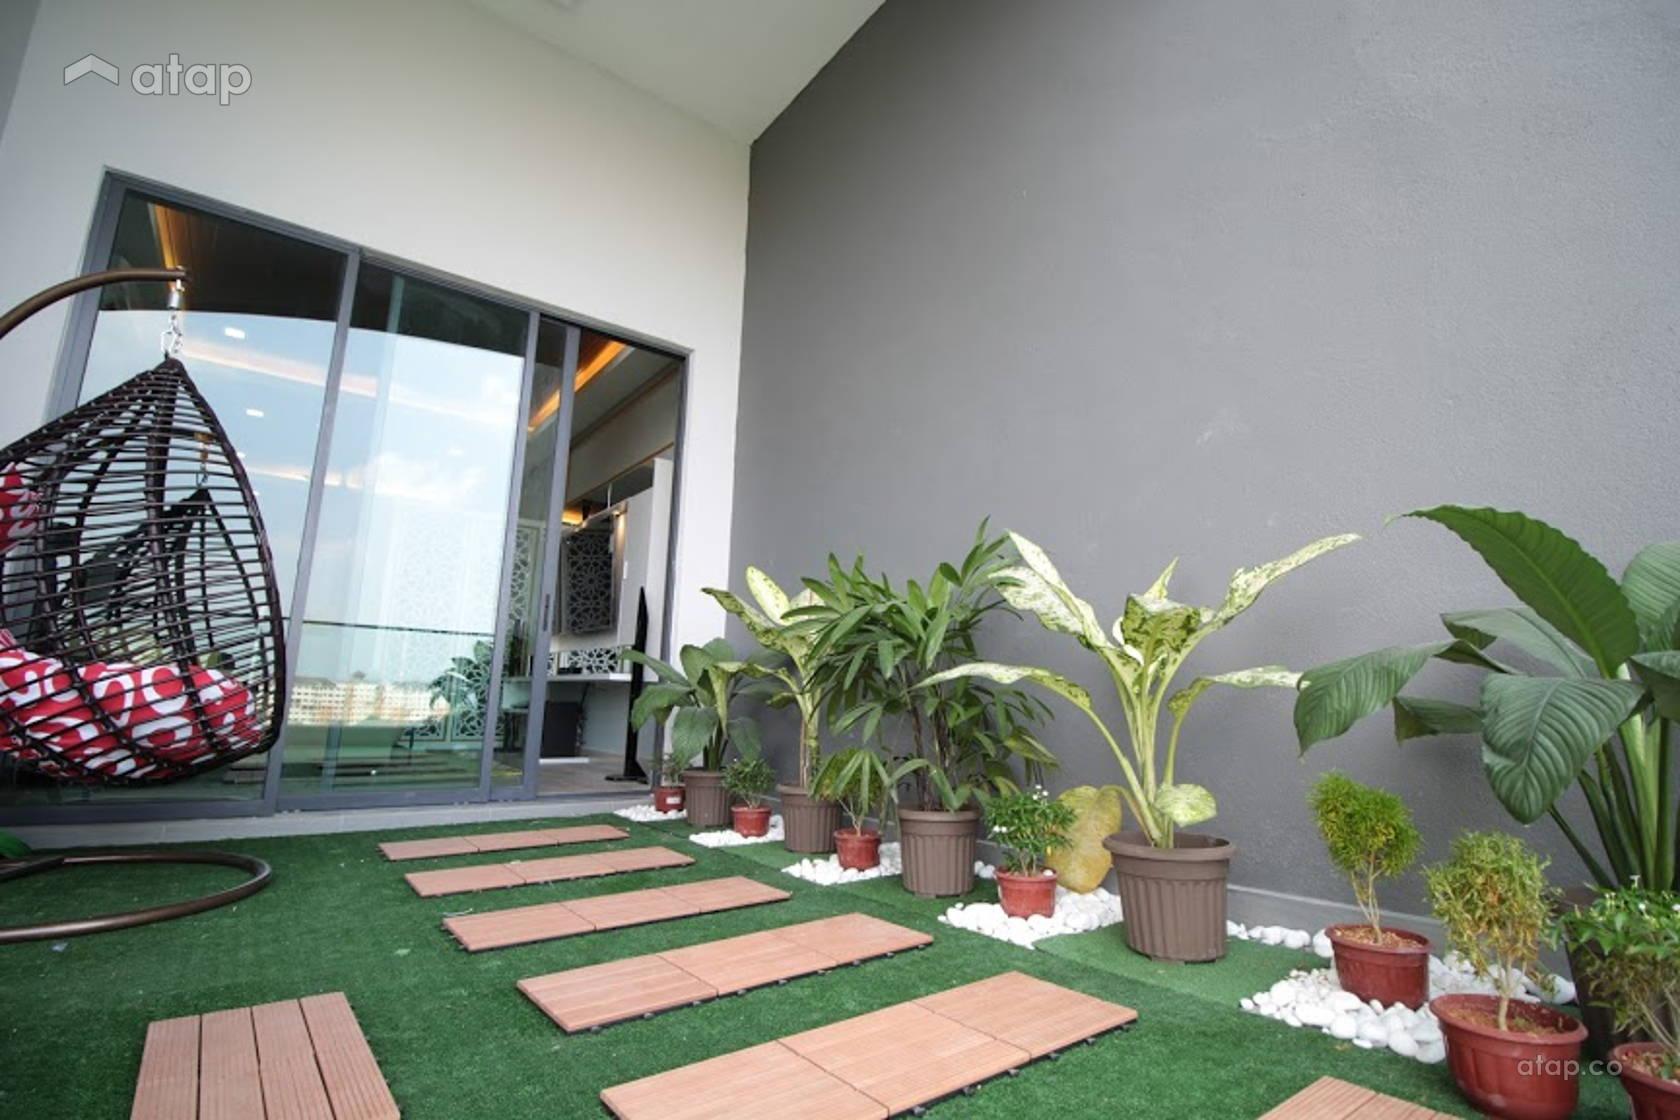 Asian Modern Exterior Garden condominium design ideas ... on condo in hanger design, beach condo design, contemporary condo design, modern condo design, condo interior design,